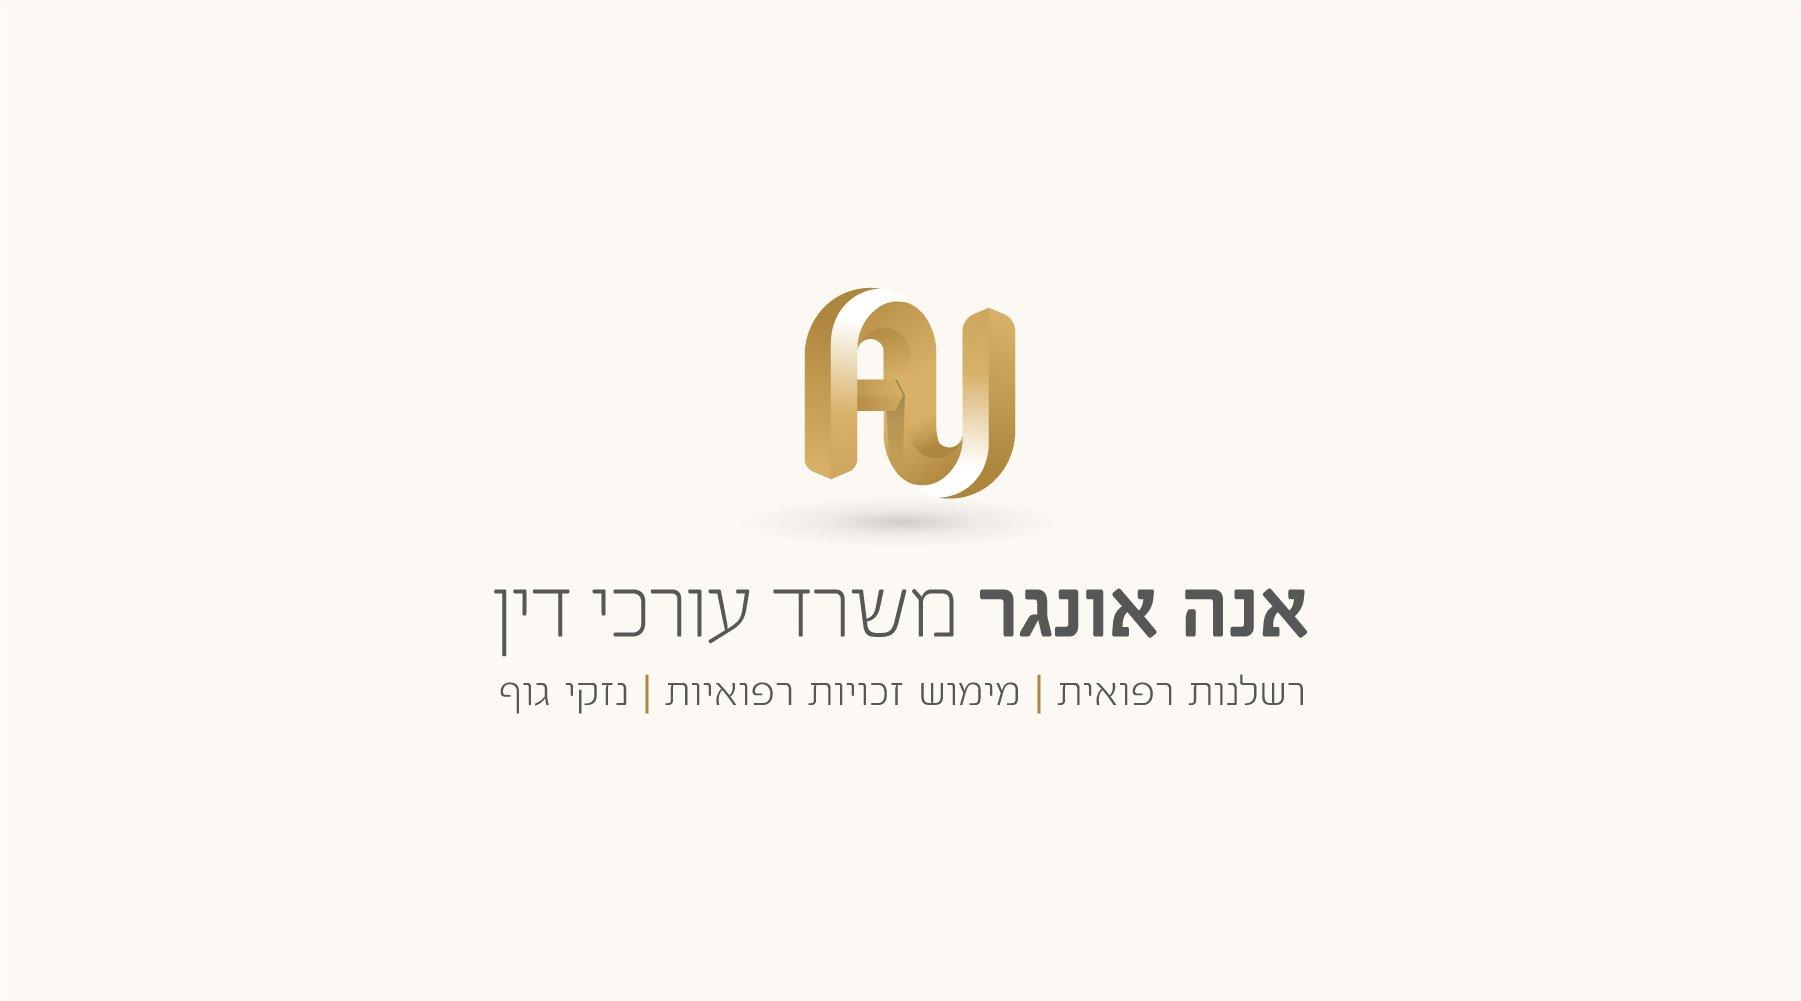 עיצוב לוגו למשרד עורכי דין אנה אונגר